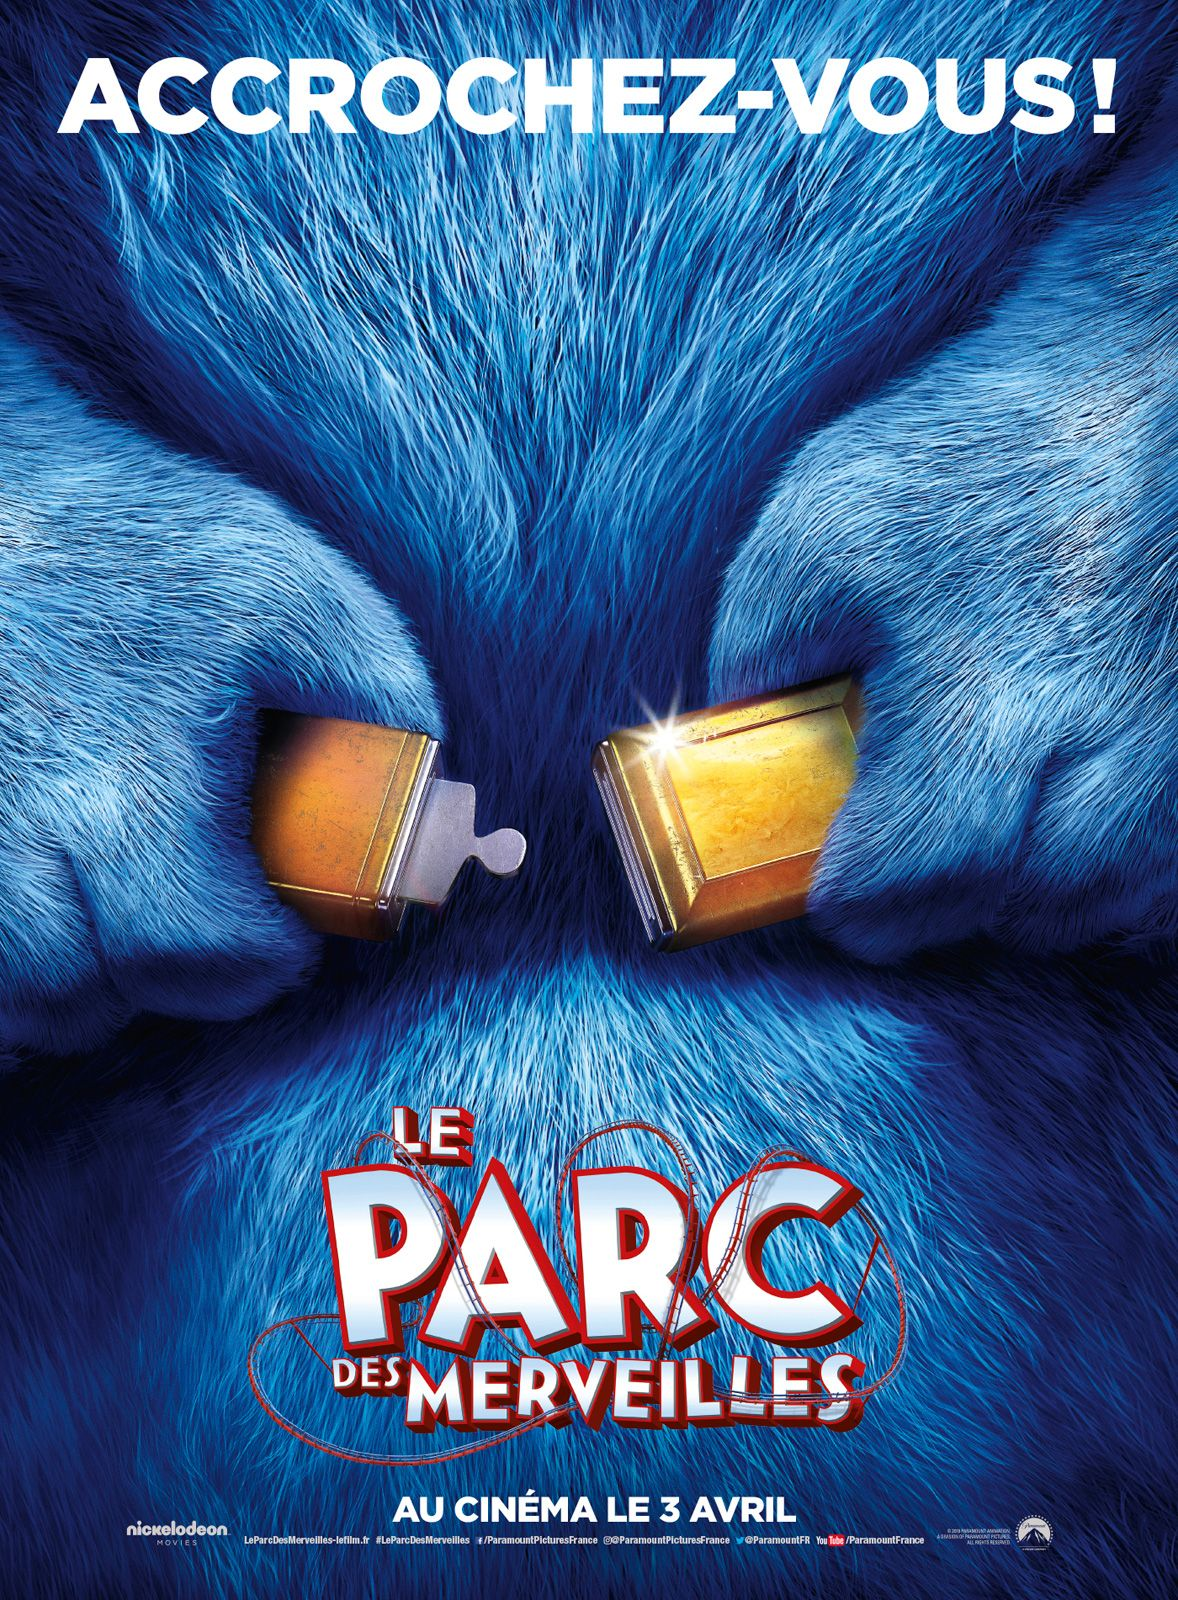 постер фильма волшебный парк джун постеры фильмов Misery